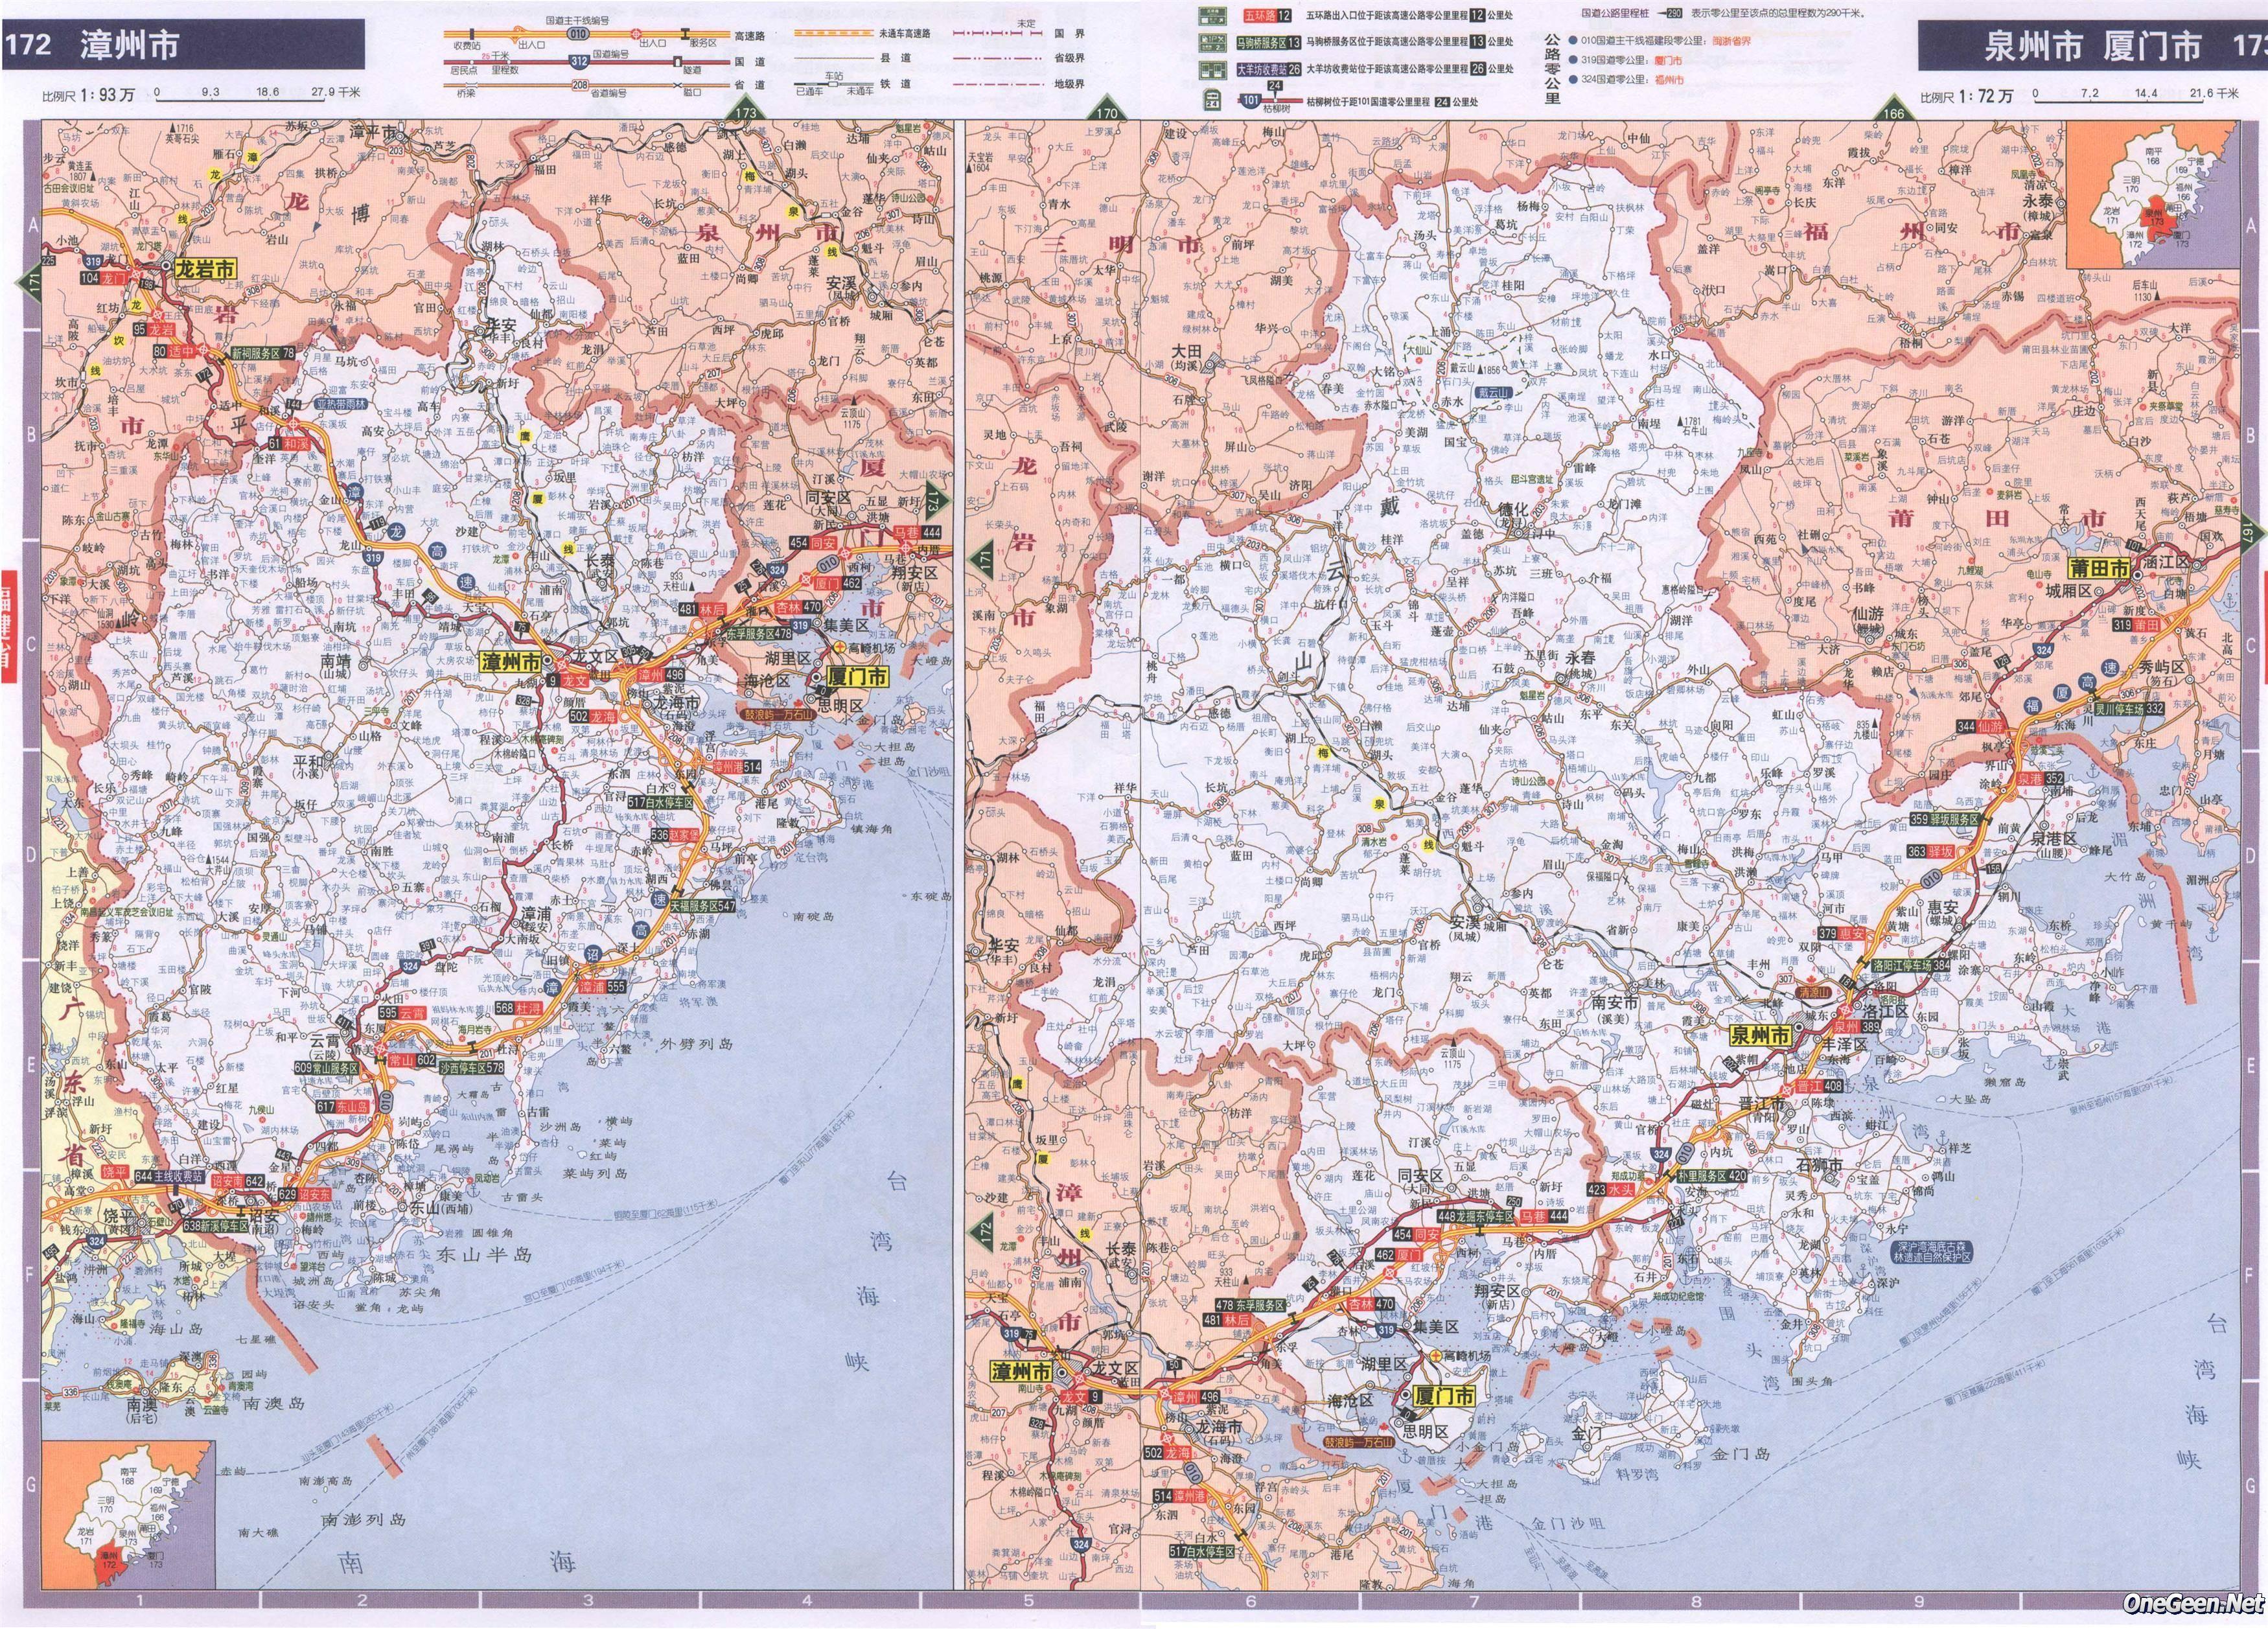 福建省漳州市泉州市交通地图